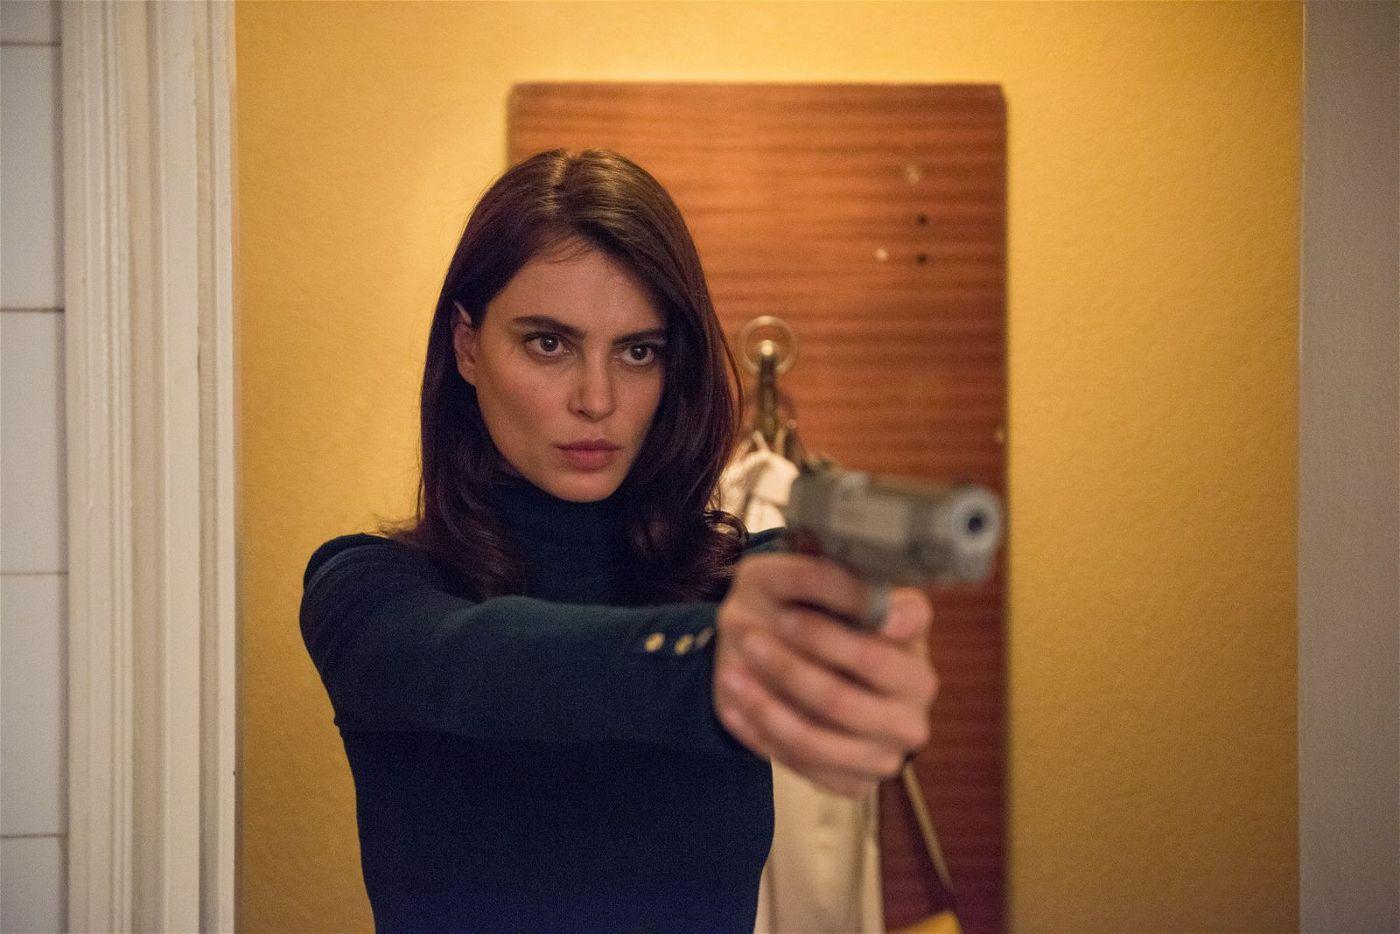 Gilda (Catrinel Marlon) trägt den Namen eines Film-noir-Klassiker von Charles Vidor und benimmt sich auch so: wie eine tödliche Femme fatale.